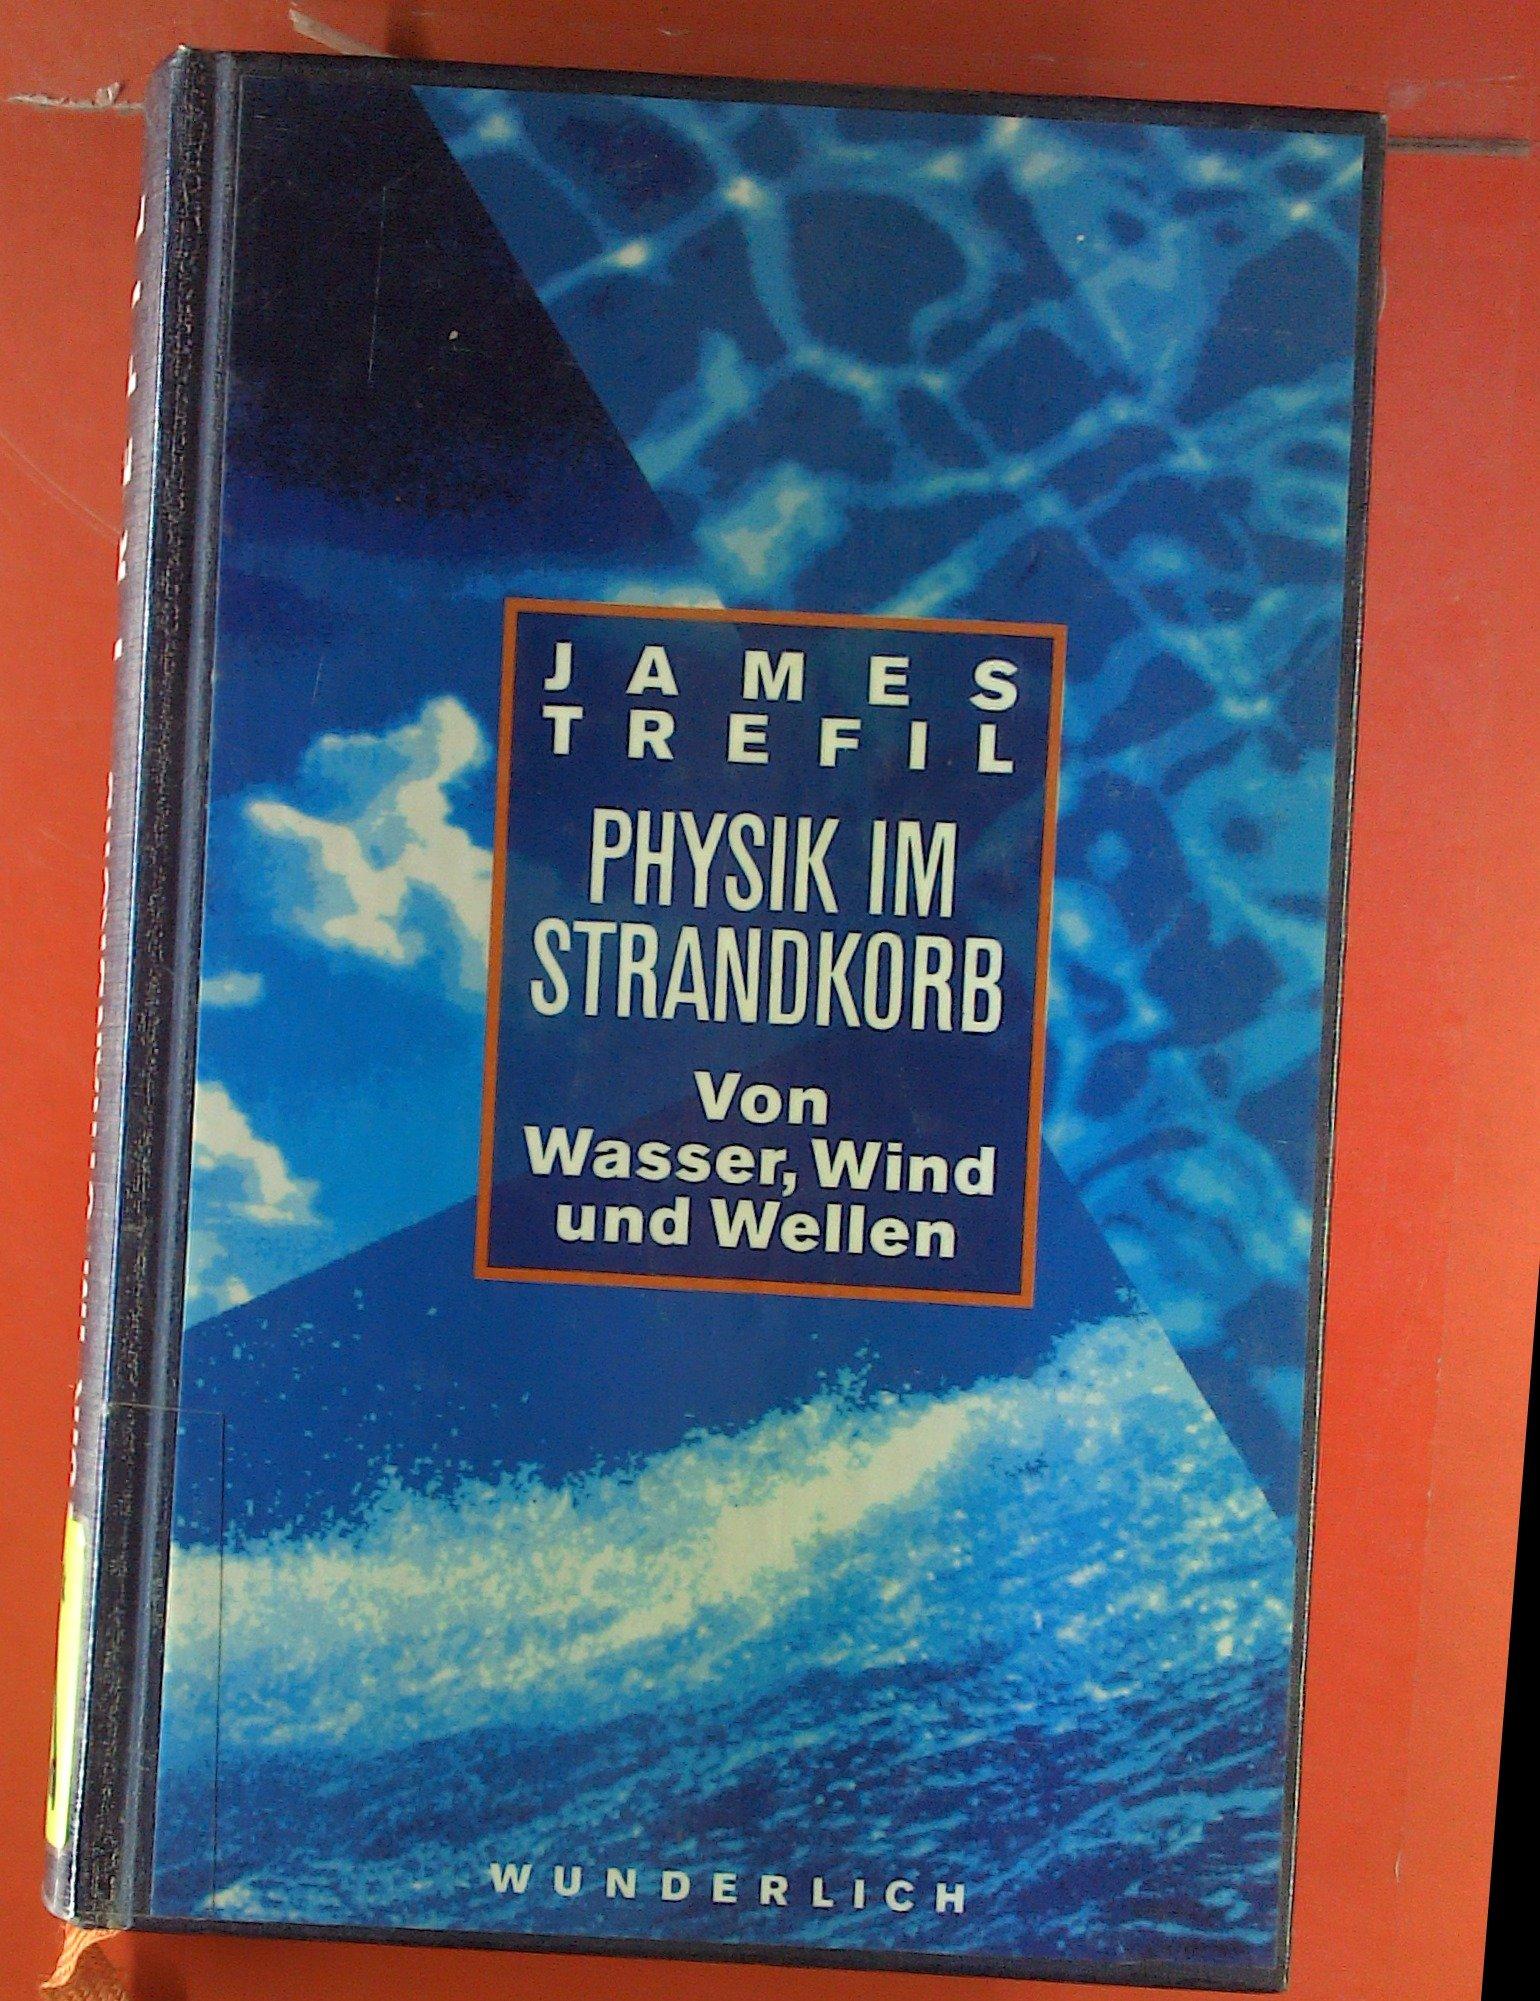 Physik im Strandkorb. Von Wasser Wind und Wellen